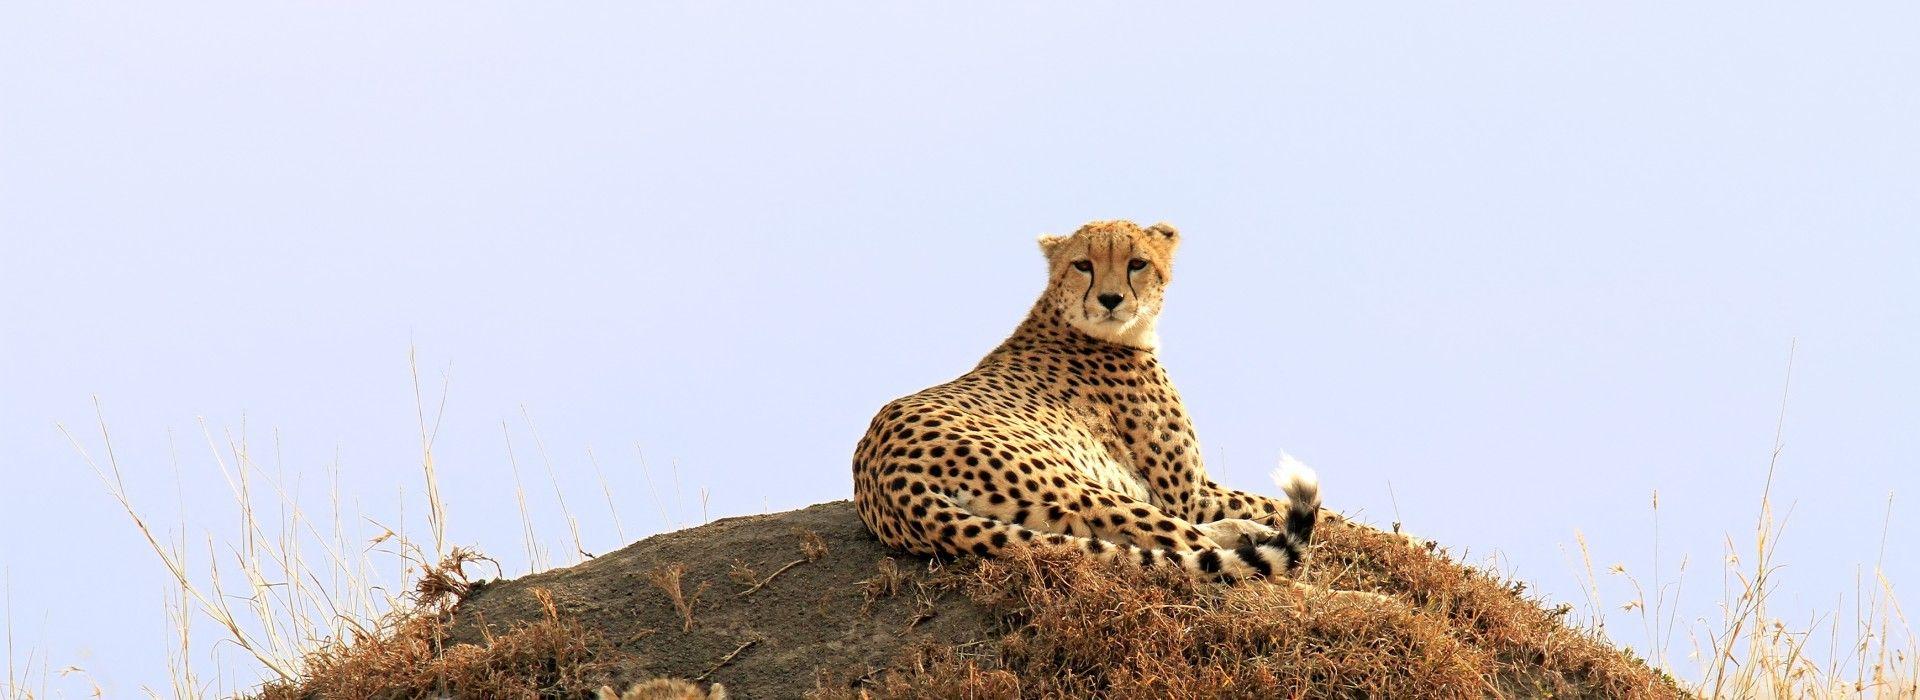 National parks Tours in Kenya